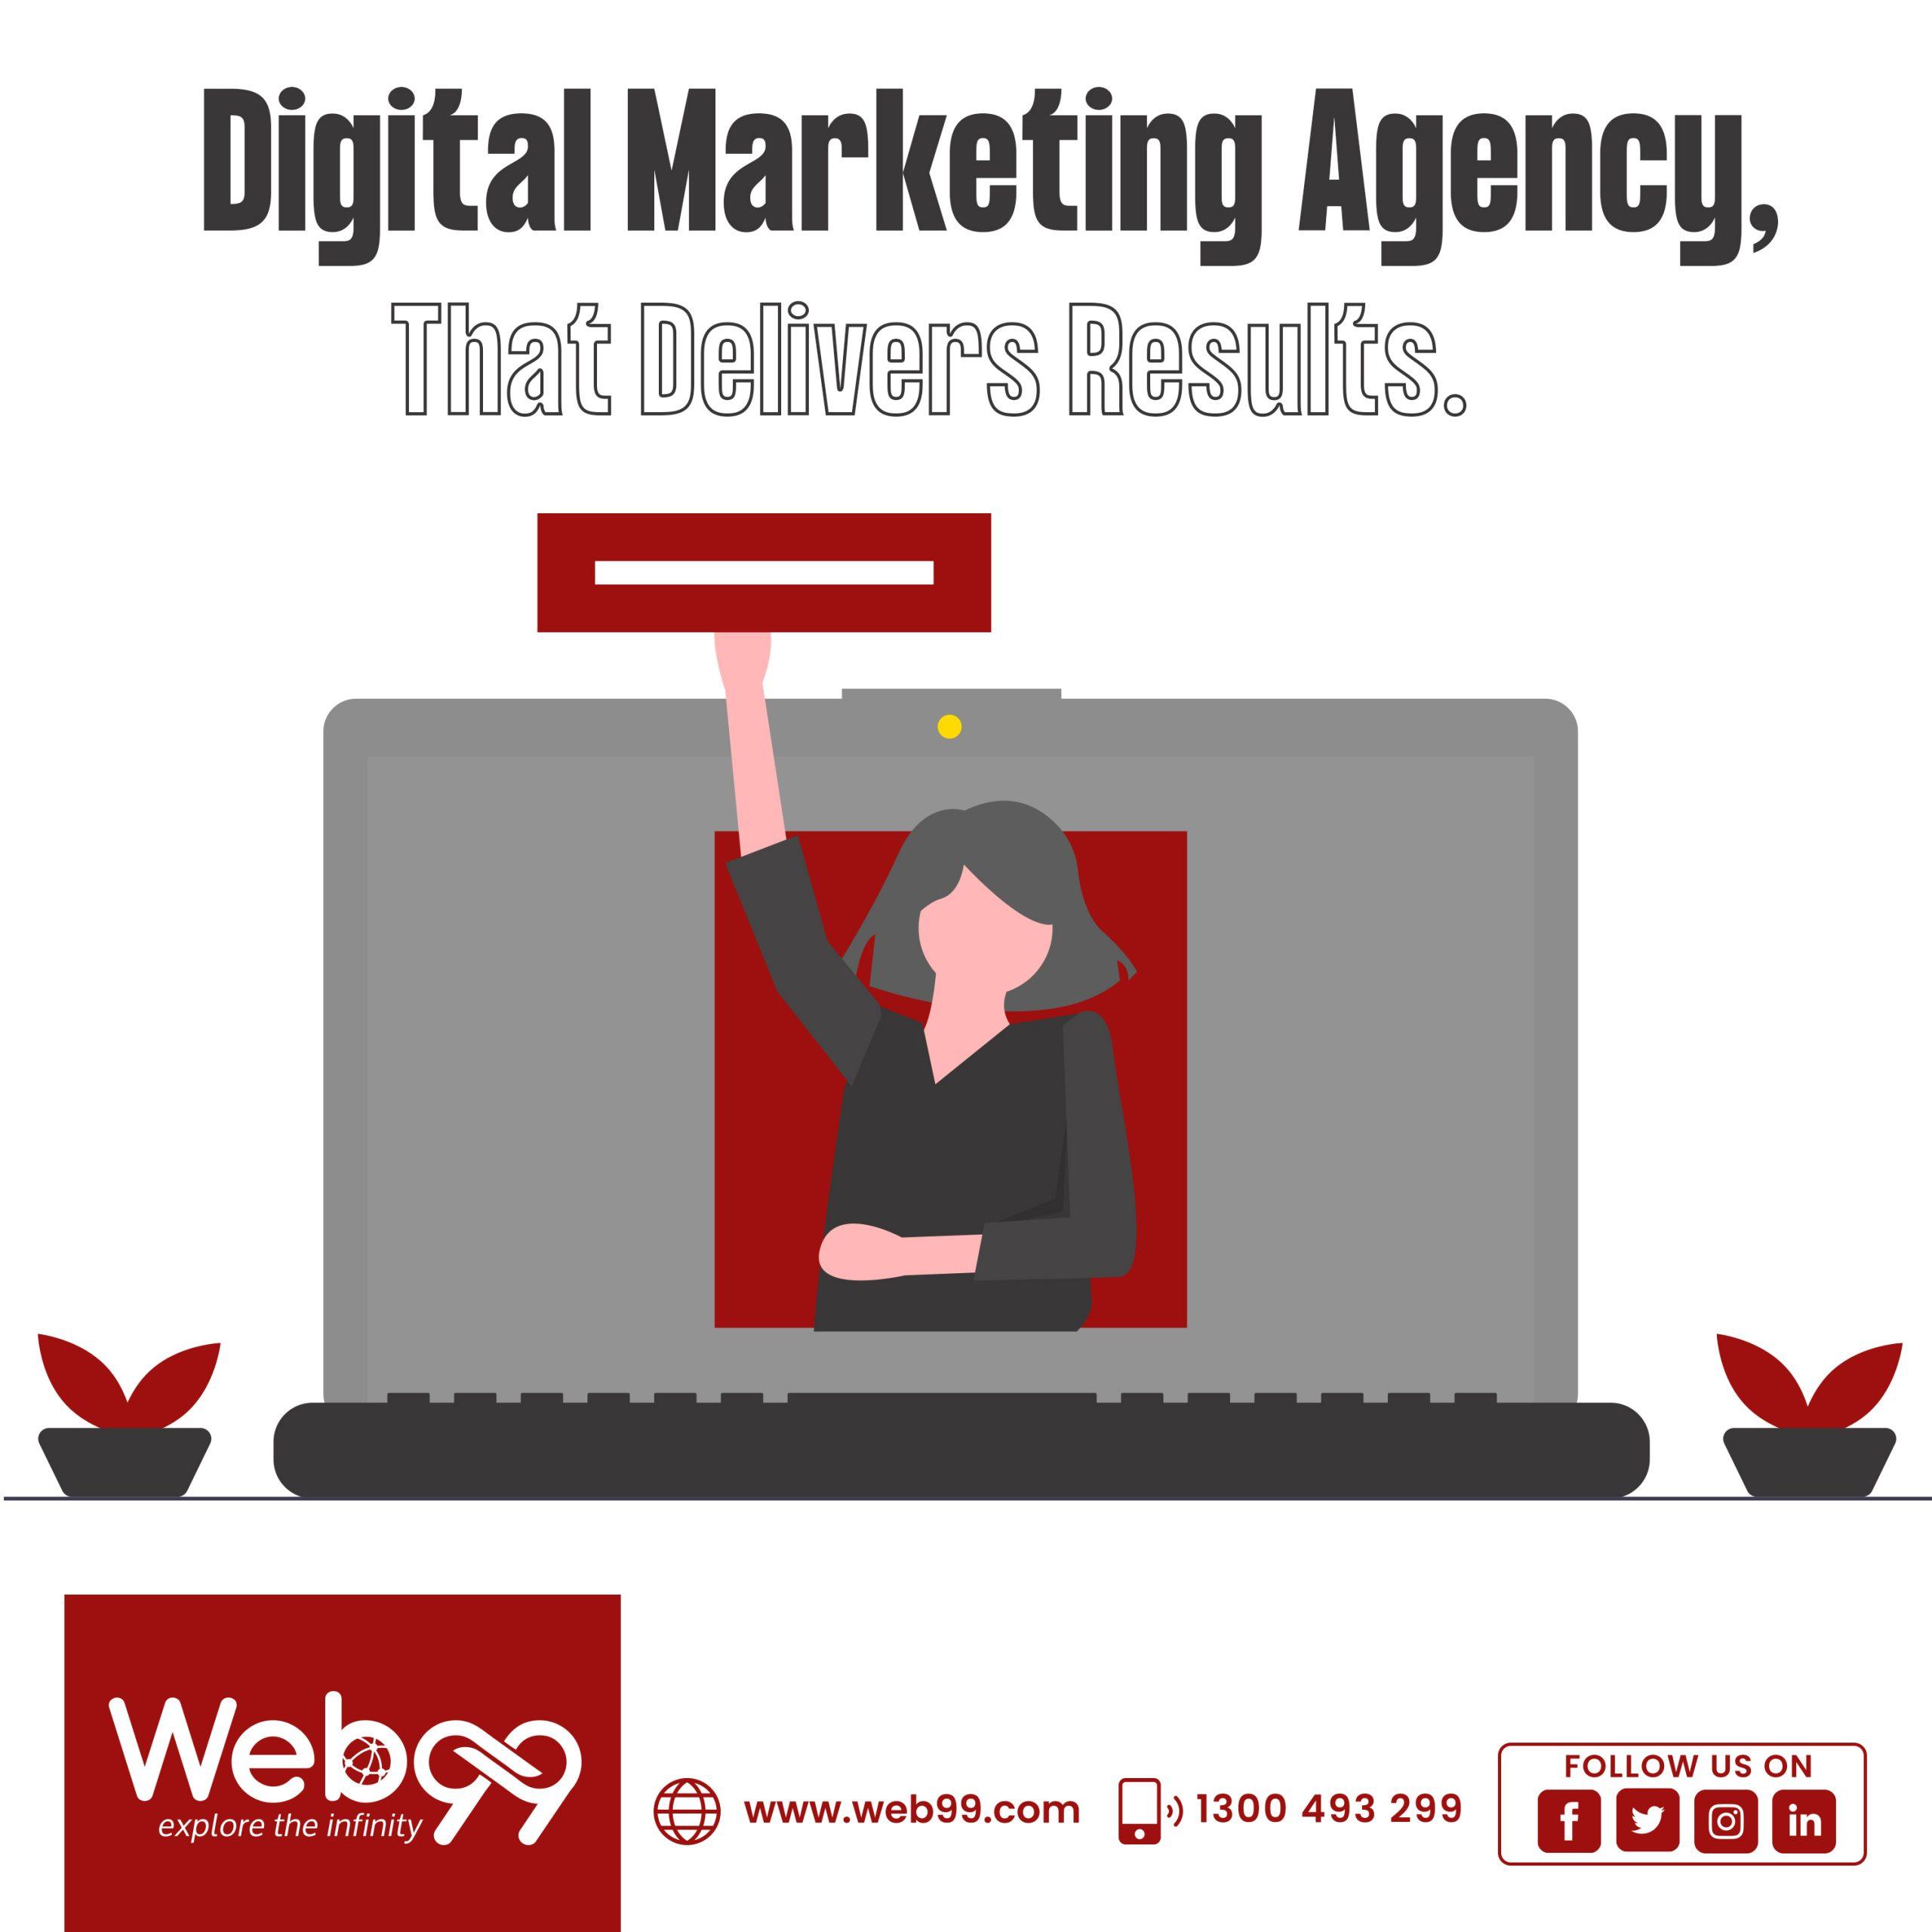 Digital Marketing Agency Canberra